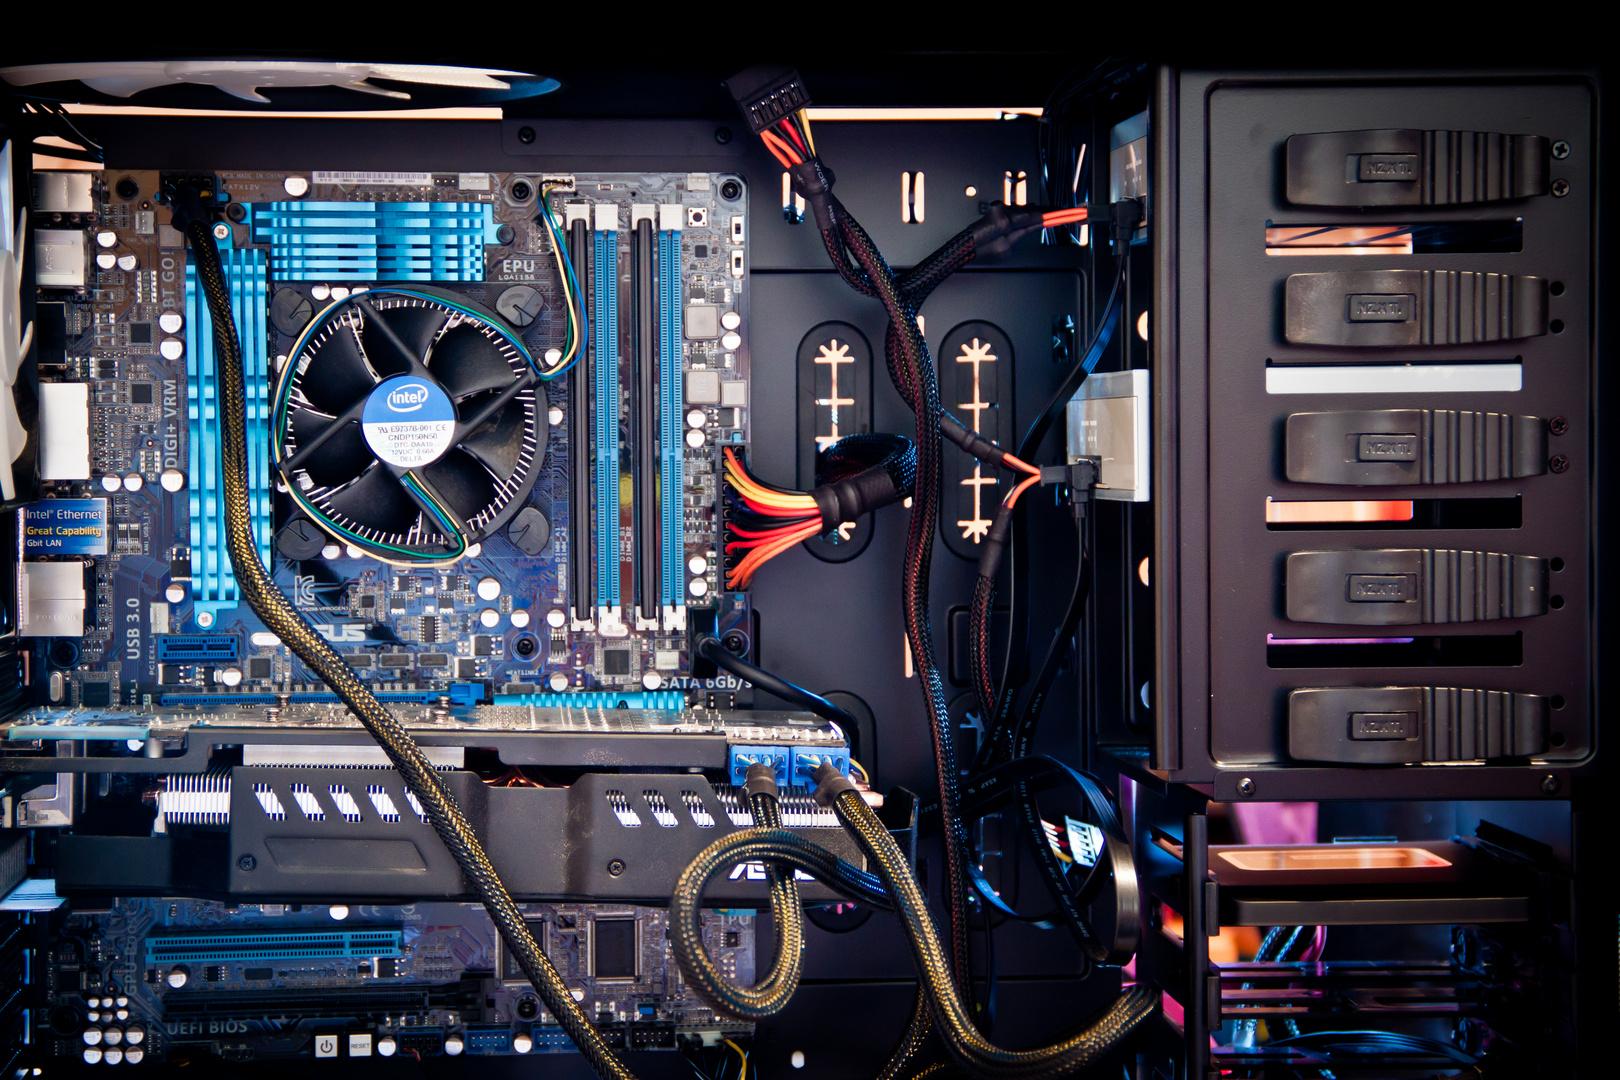 PC Innenleben - i5 2500K quadcore